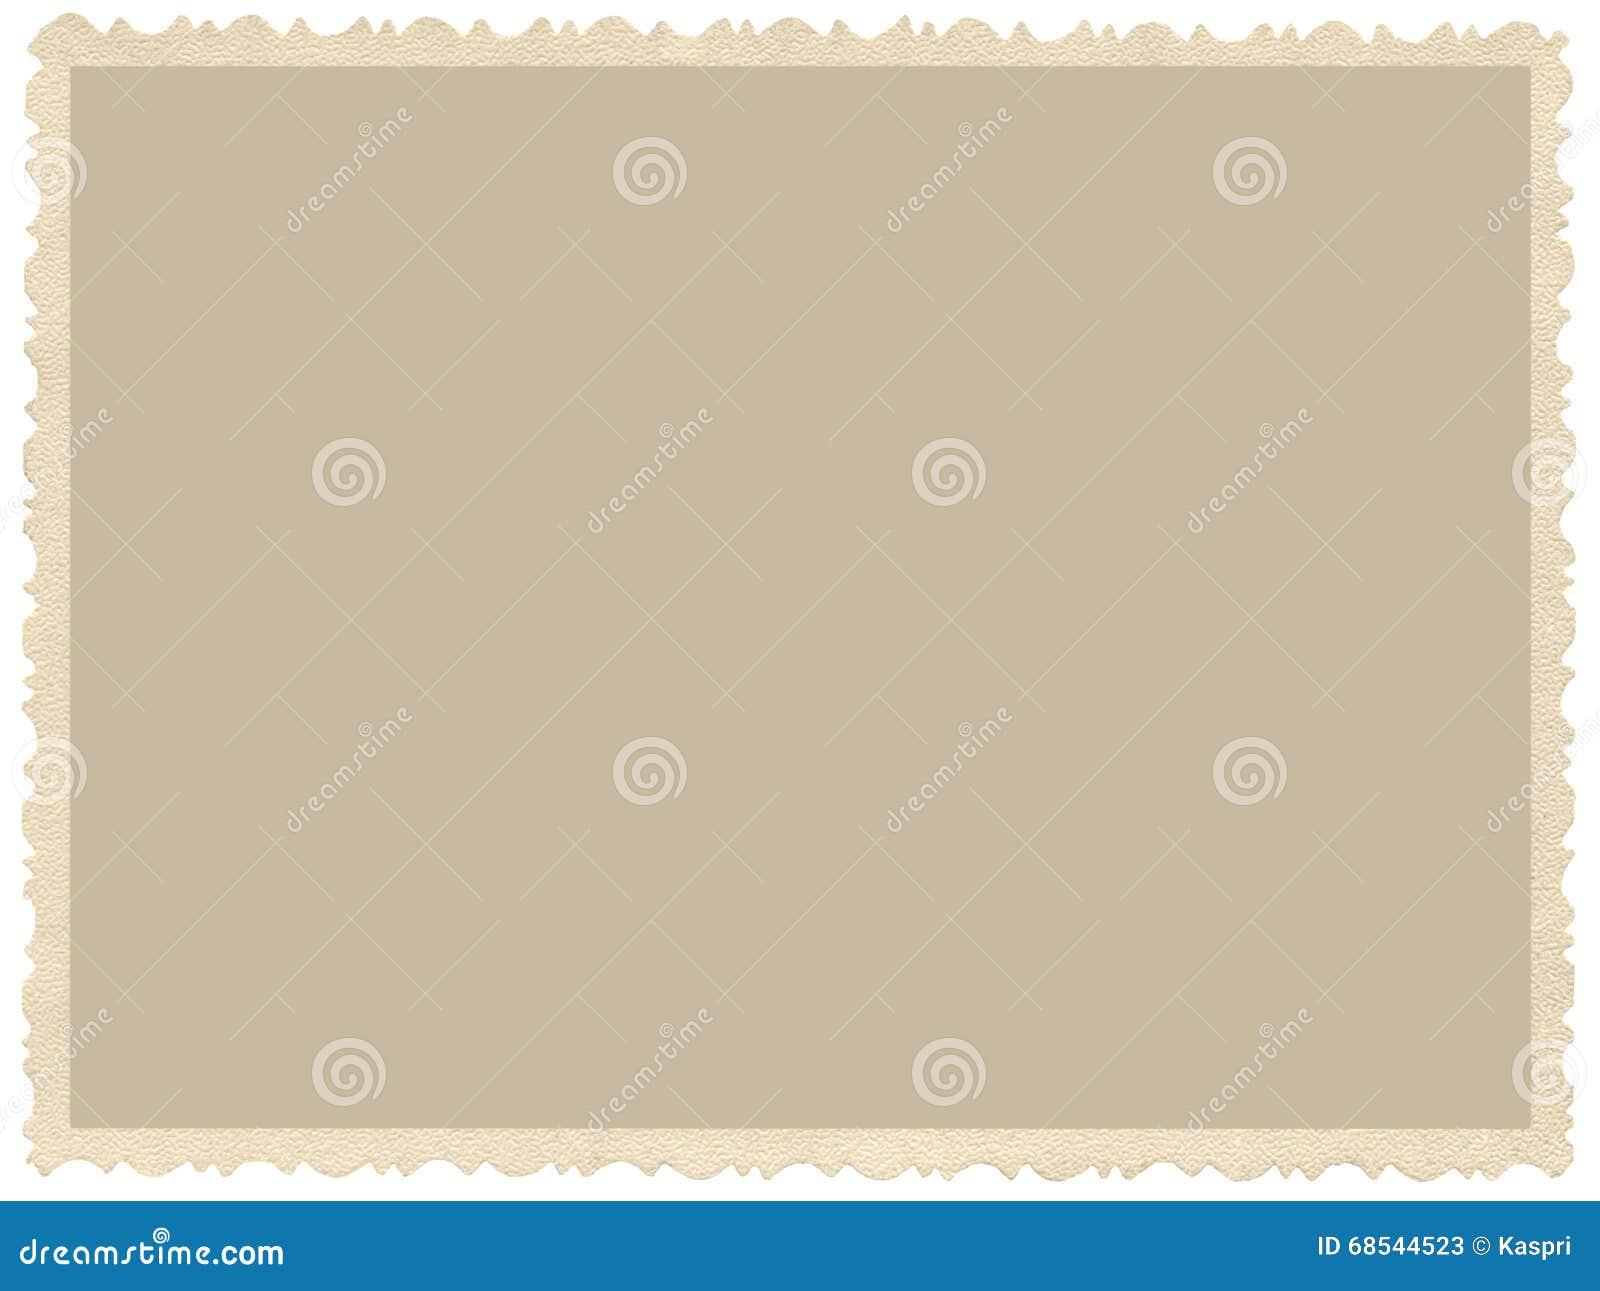 Stara starzejąca się grunge krawędzi sepiowa fotografia, pustego miejsca pusty horyzontalny tło, odosobniona żółta beżowa rocznik